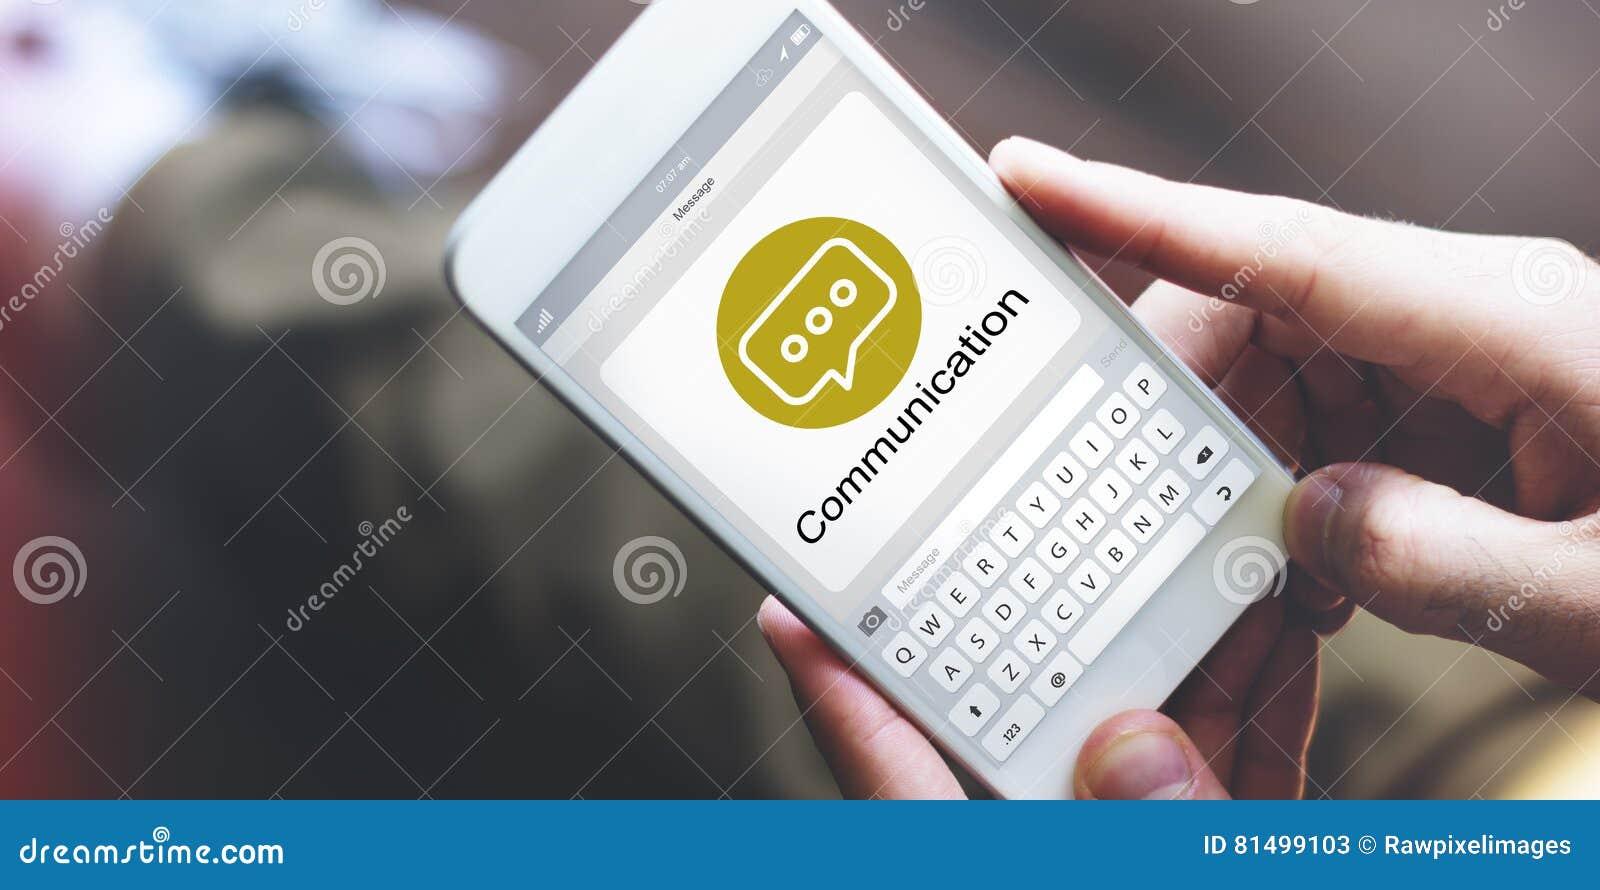 Conceito de Chatting Social Networking do mensageiro